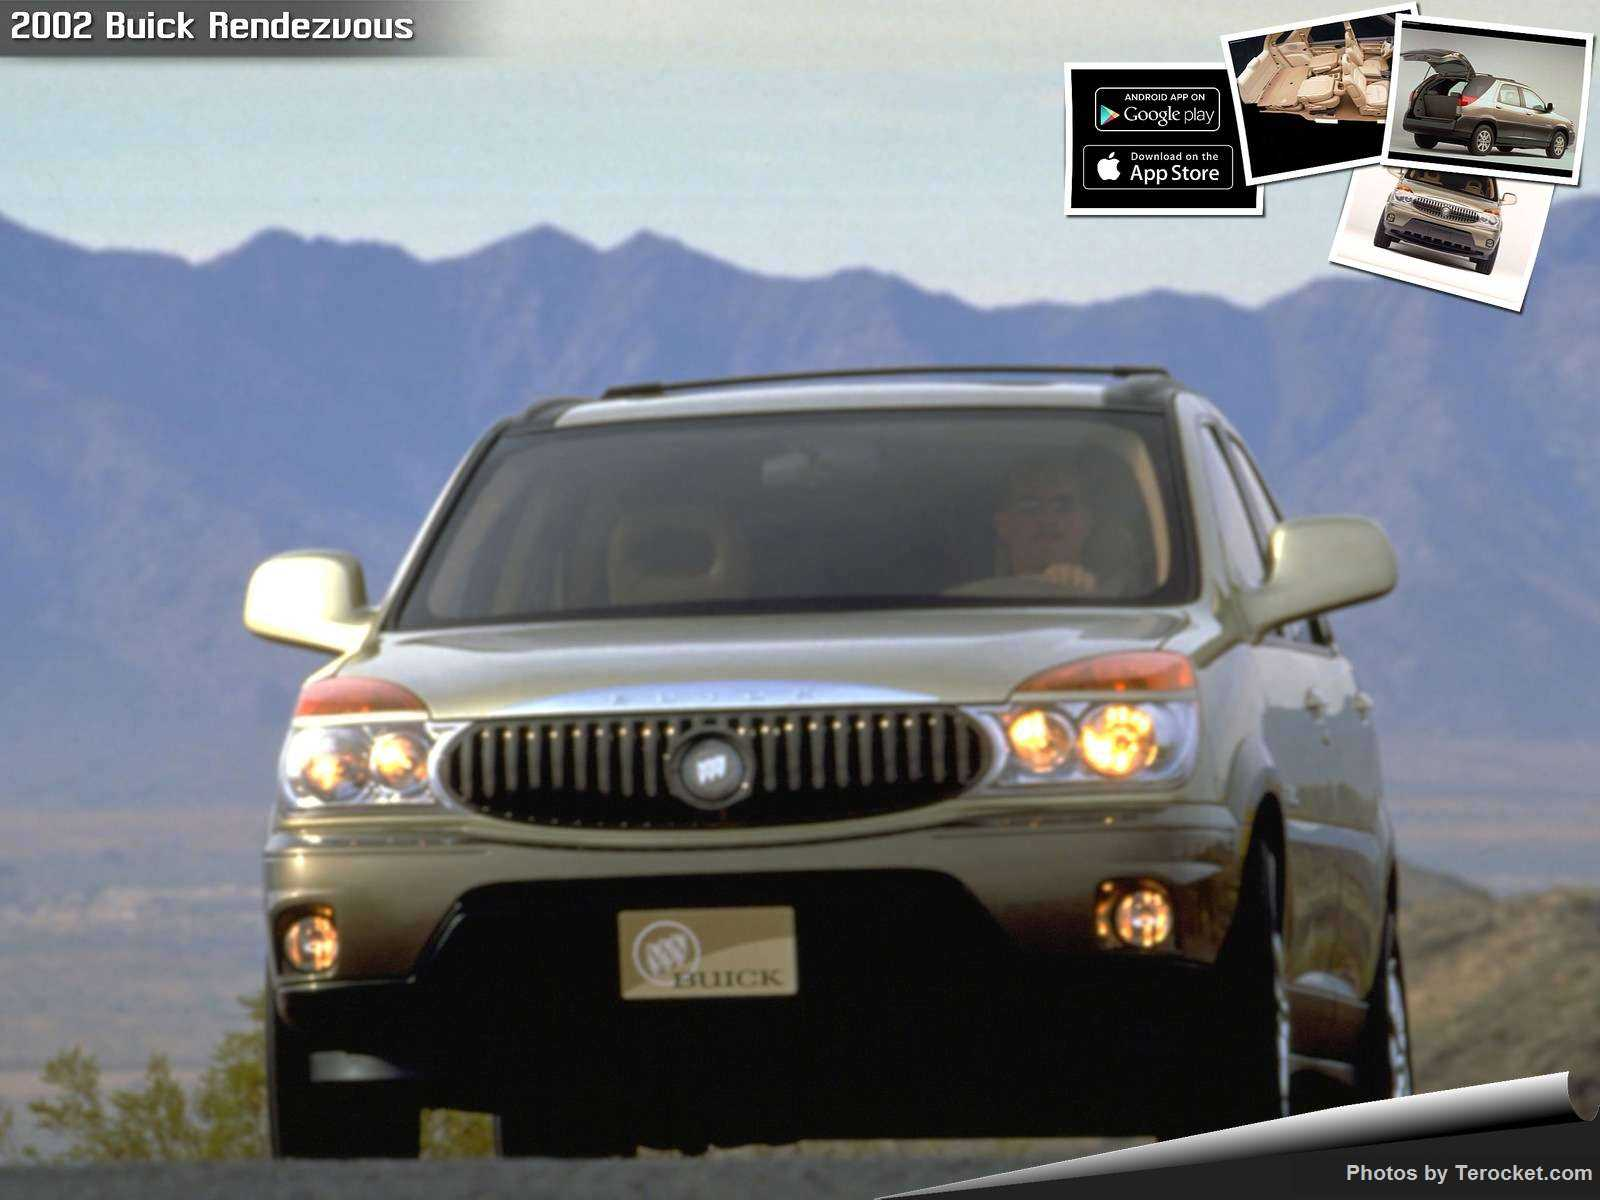 Hình ảnh xe ô tô Buick Rendezvous 2002 & nội ngoại thất